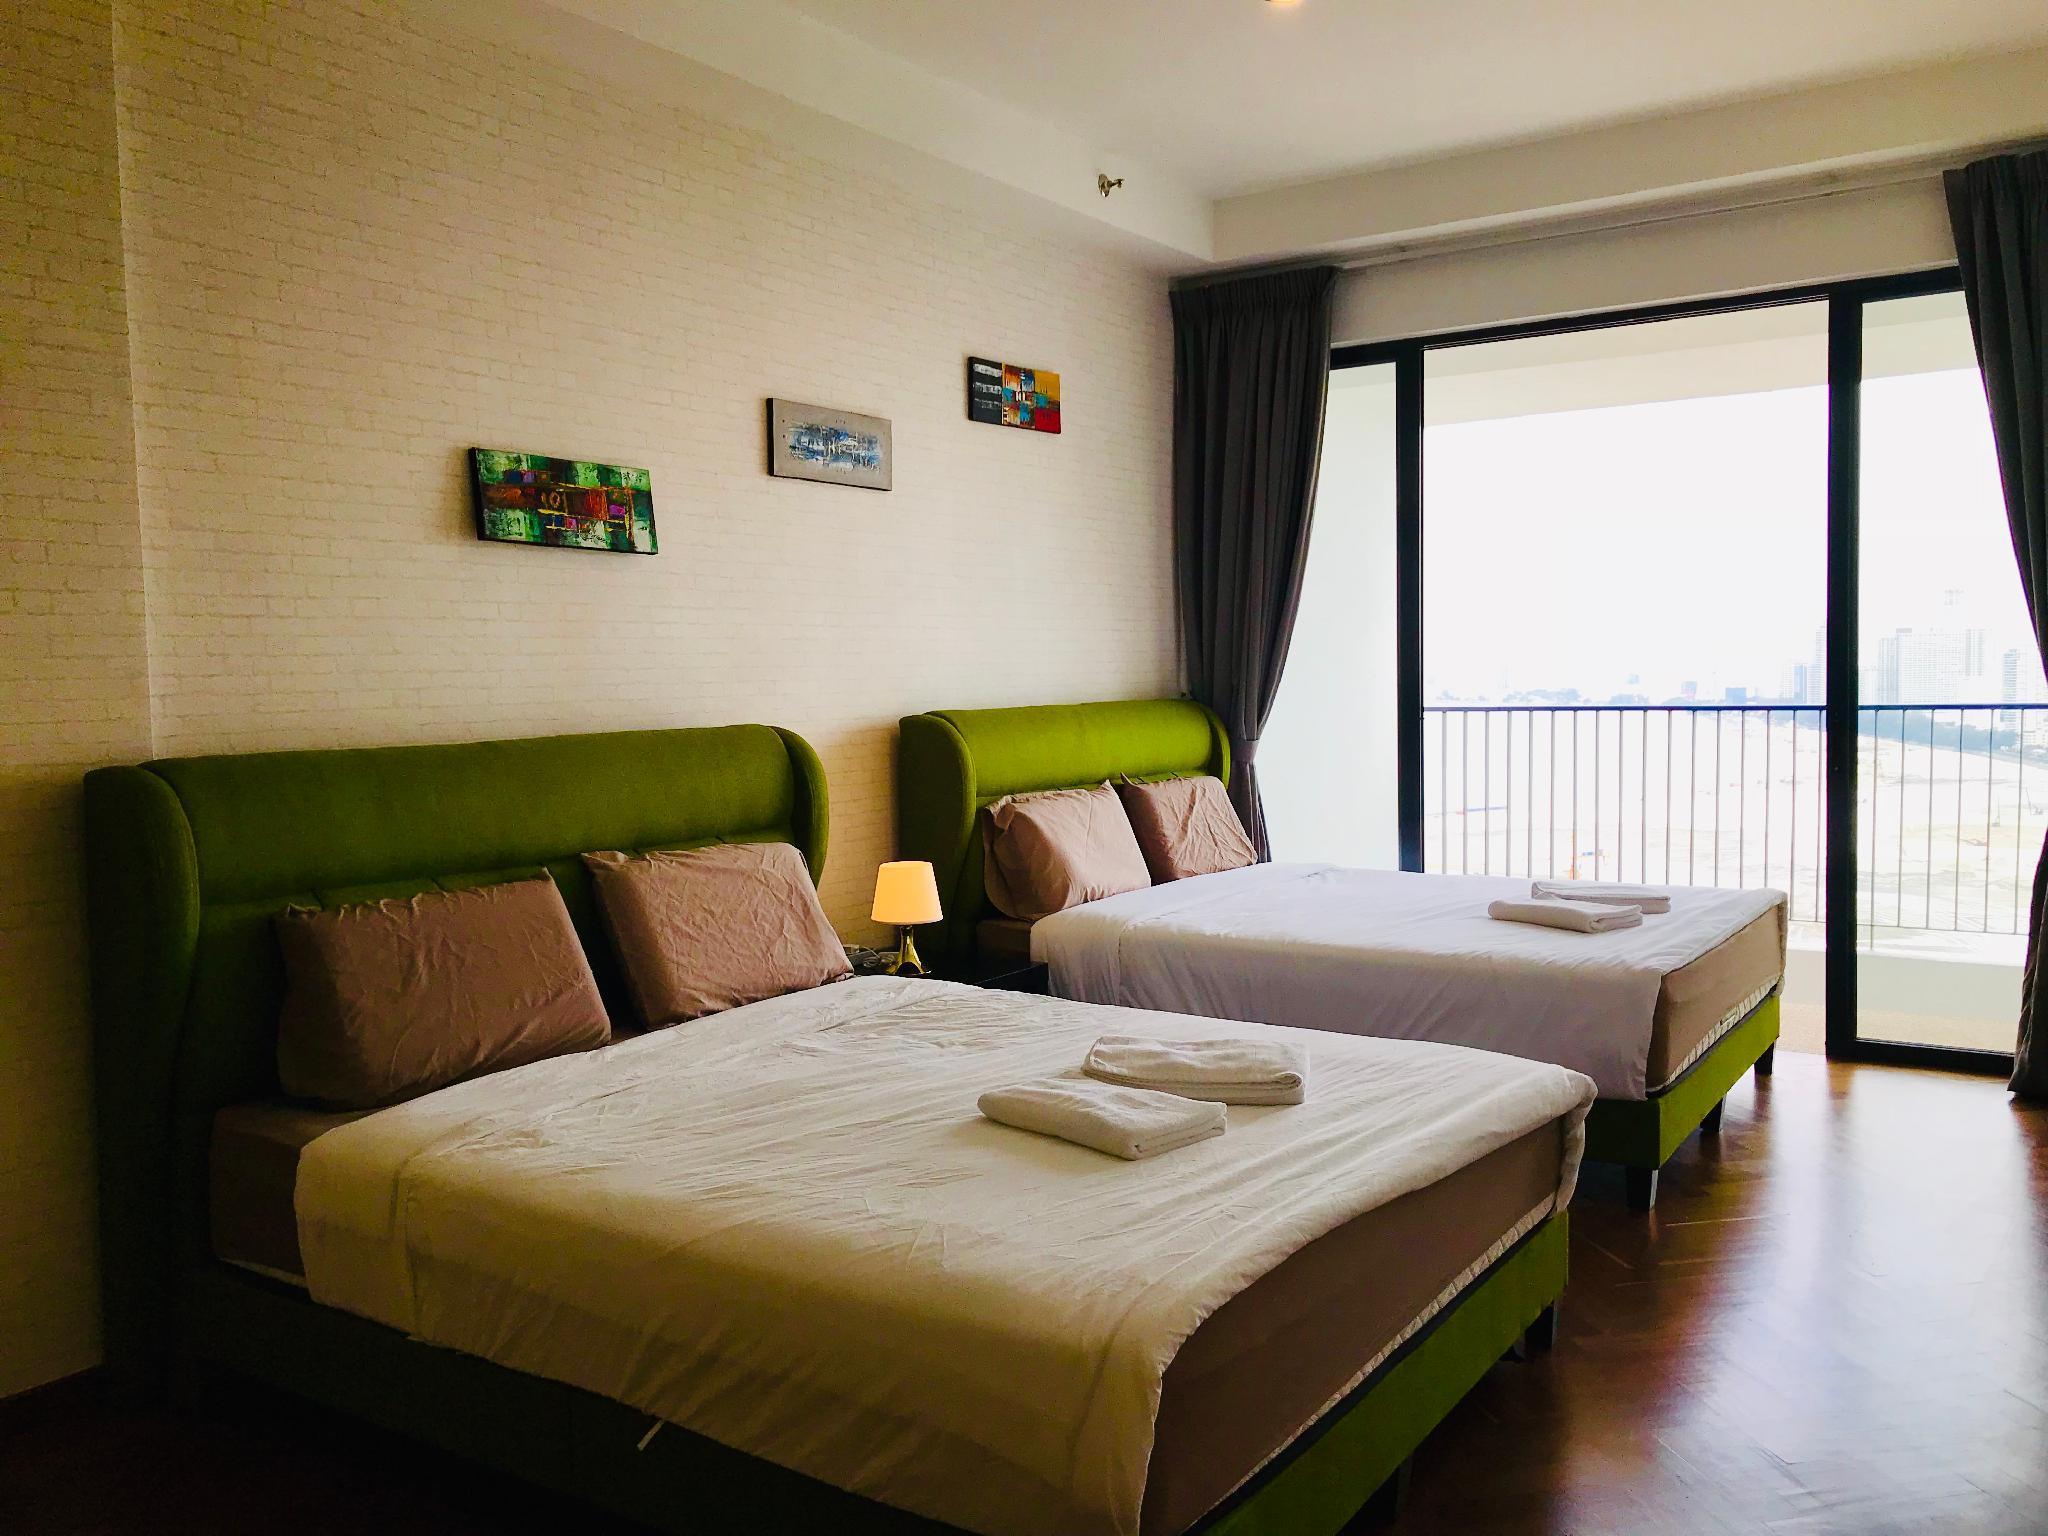 Luxury Seaview Studio For 4 With Balcony